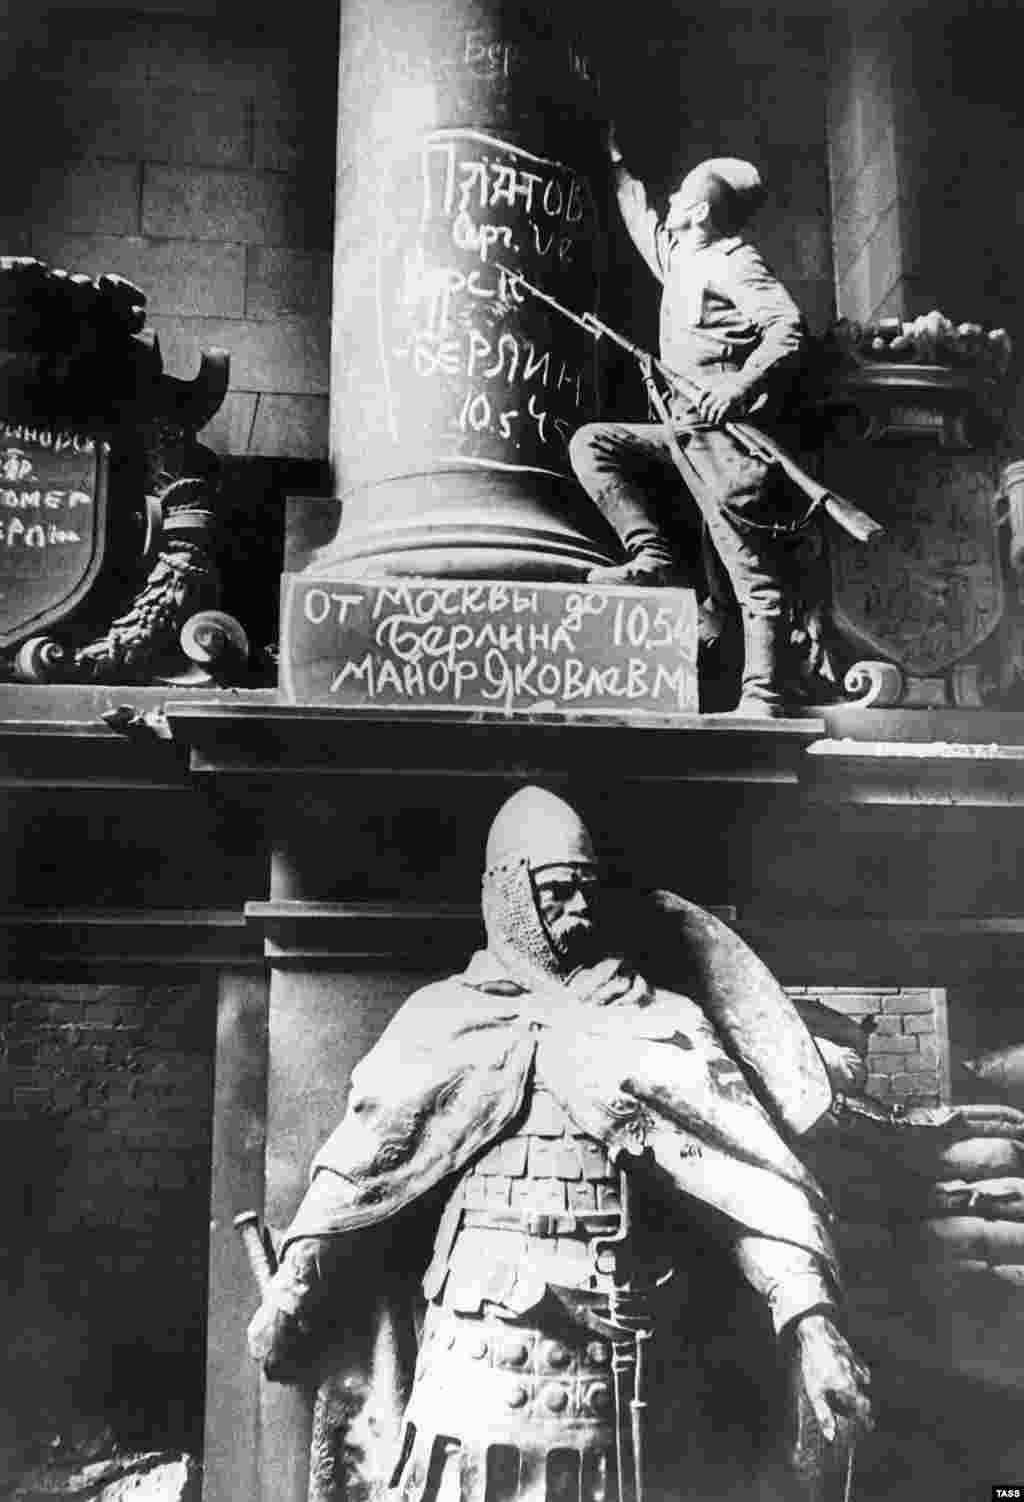 Большая часть надписей на Рейхстаге была сохранена. Самые непристойные сообщения и содержавшие угрозы насилия были удалены.